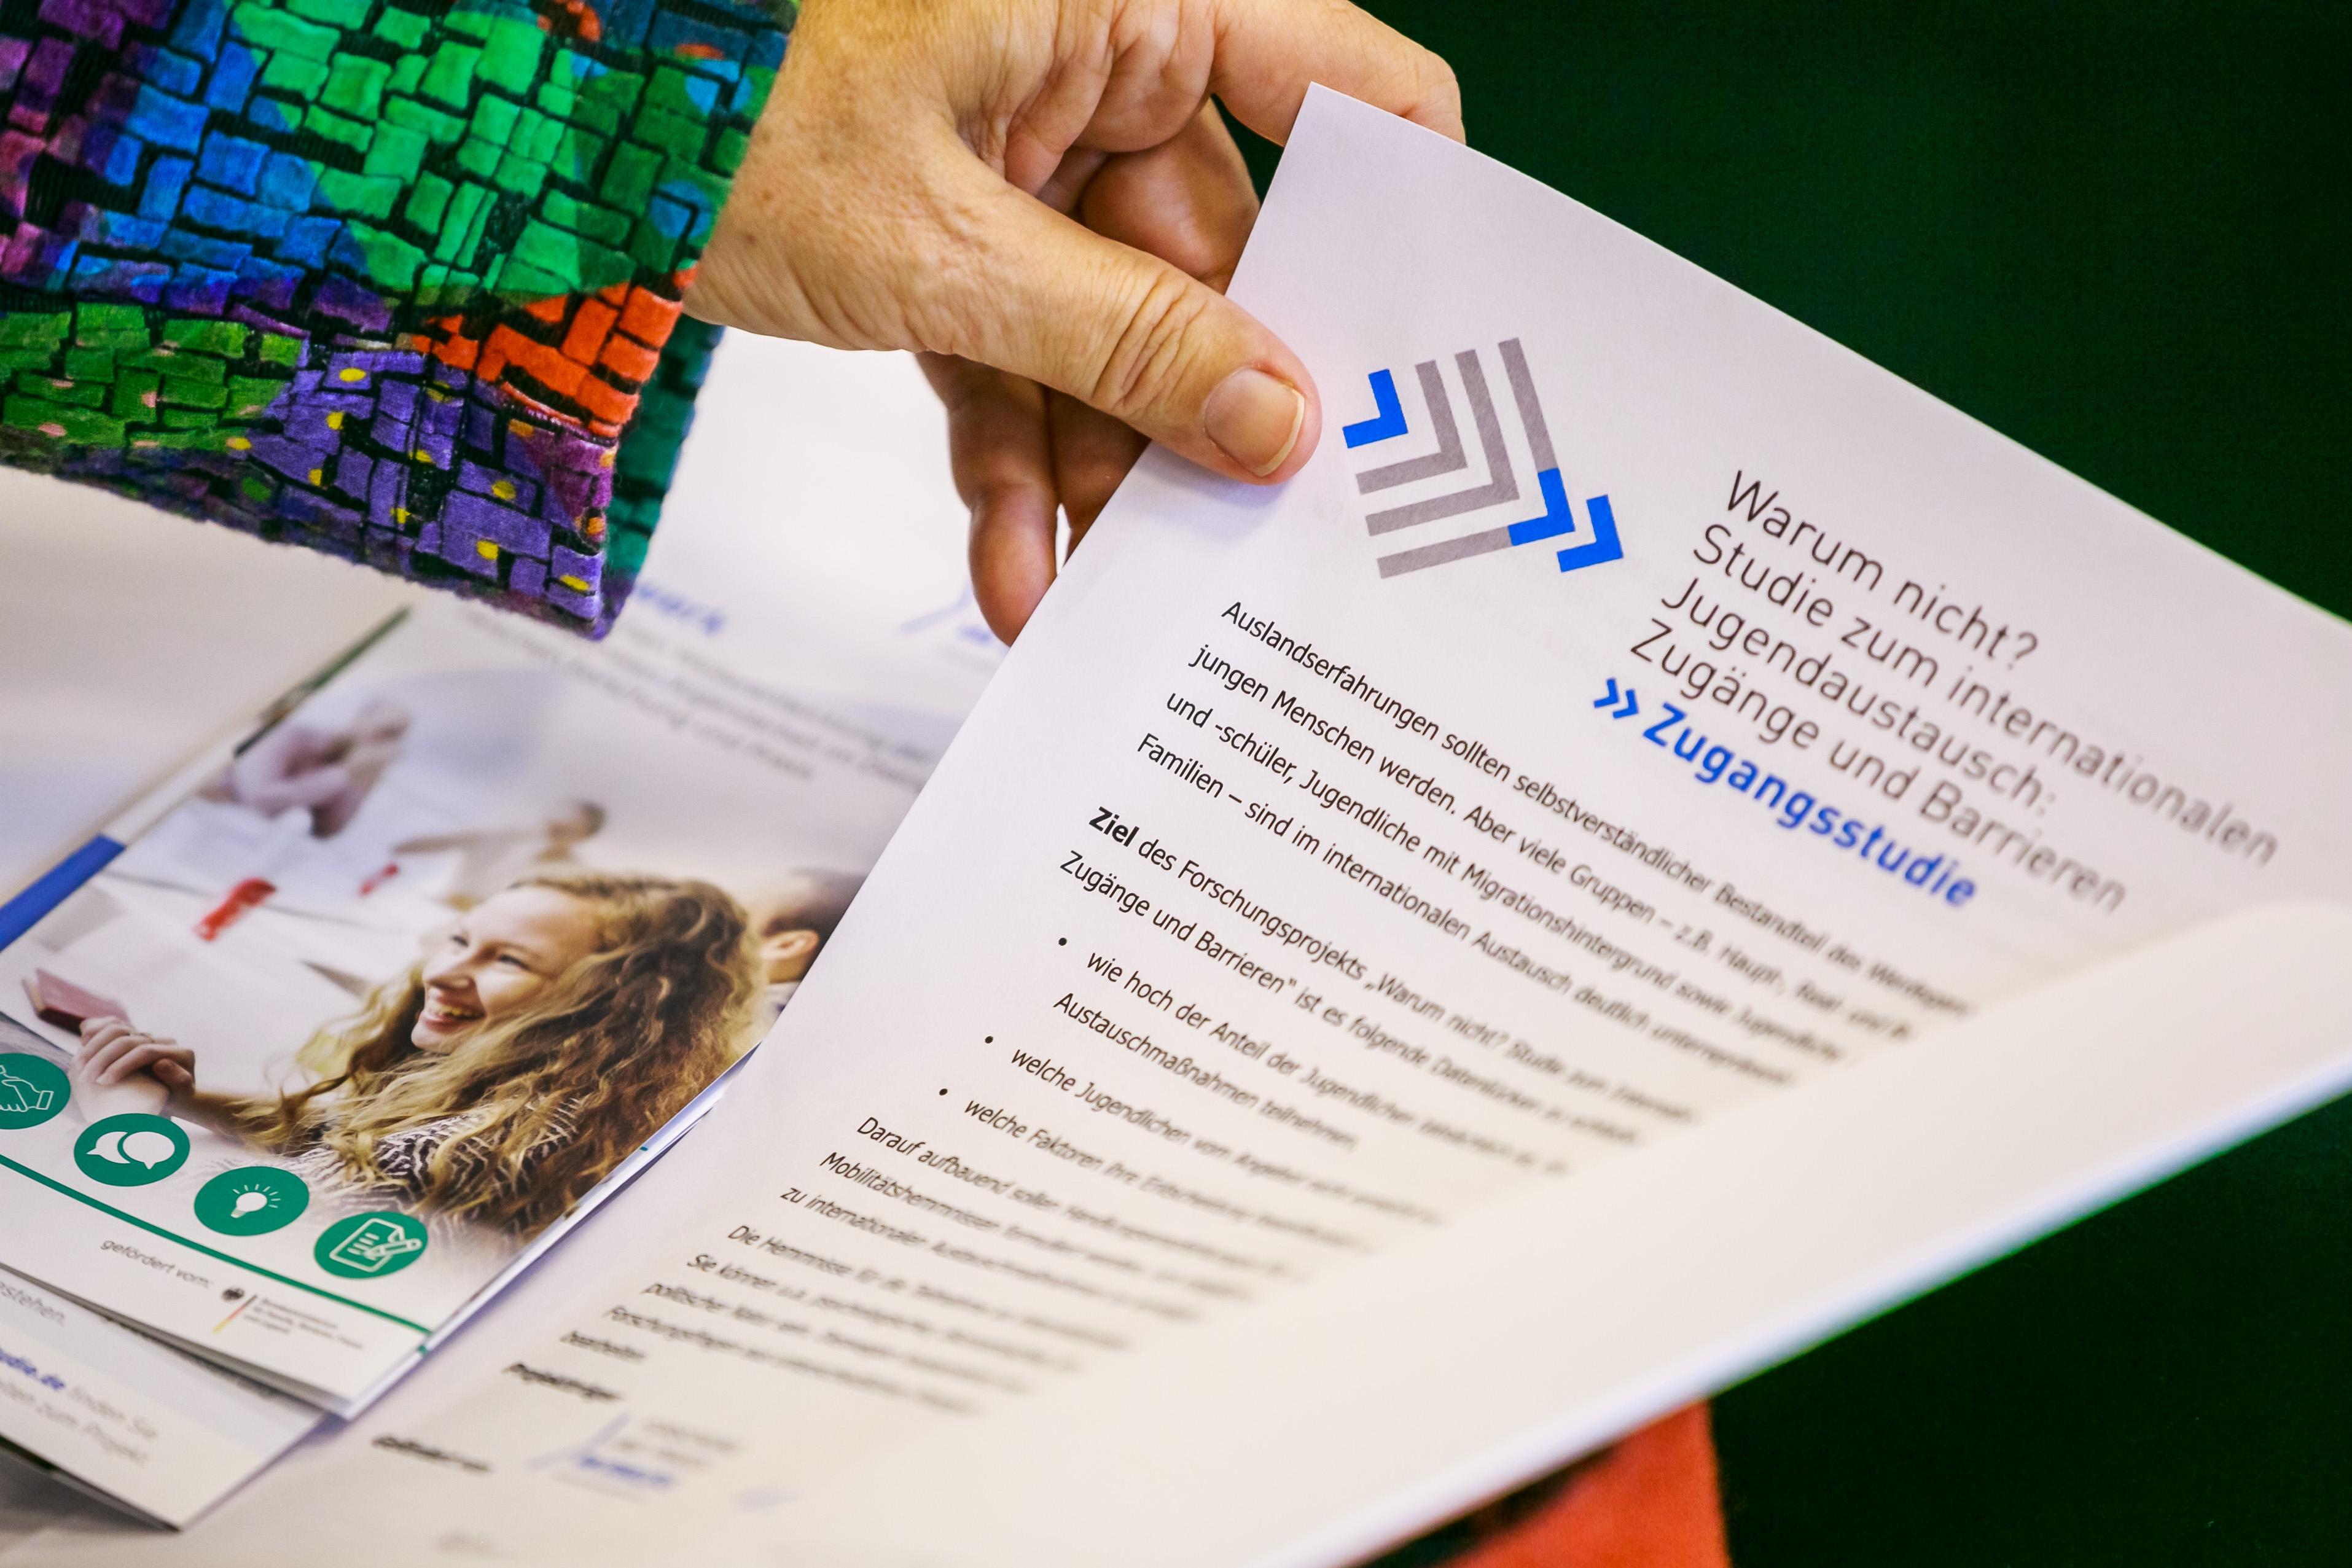 Erfreut Konferenz Flyer Vorlage Galerie - Entry Level Resume ...